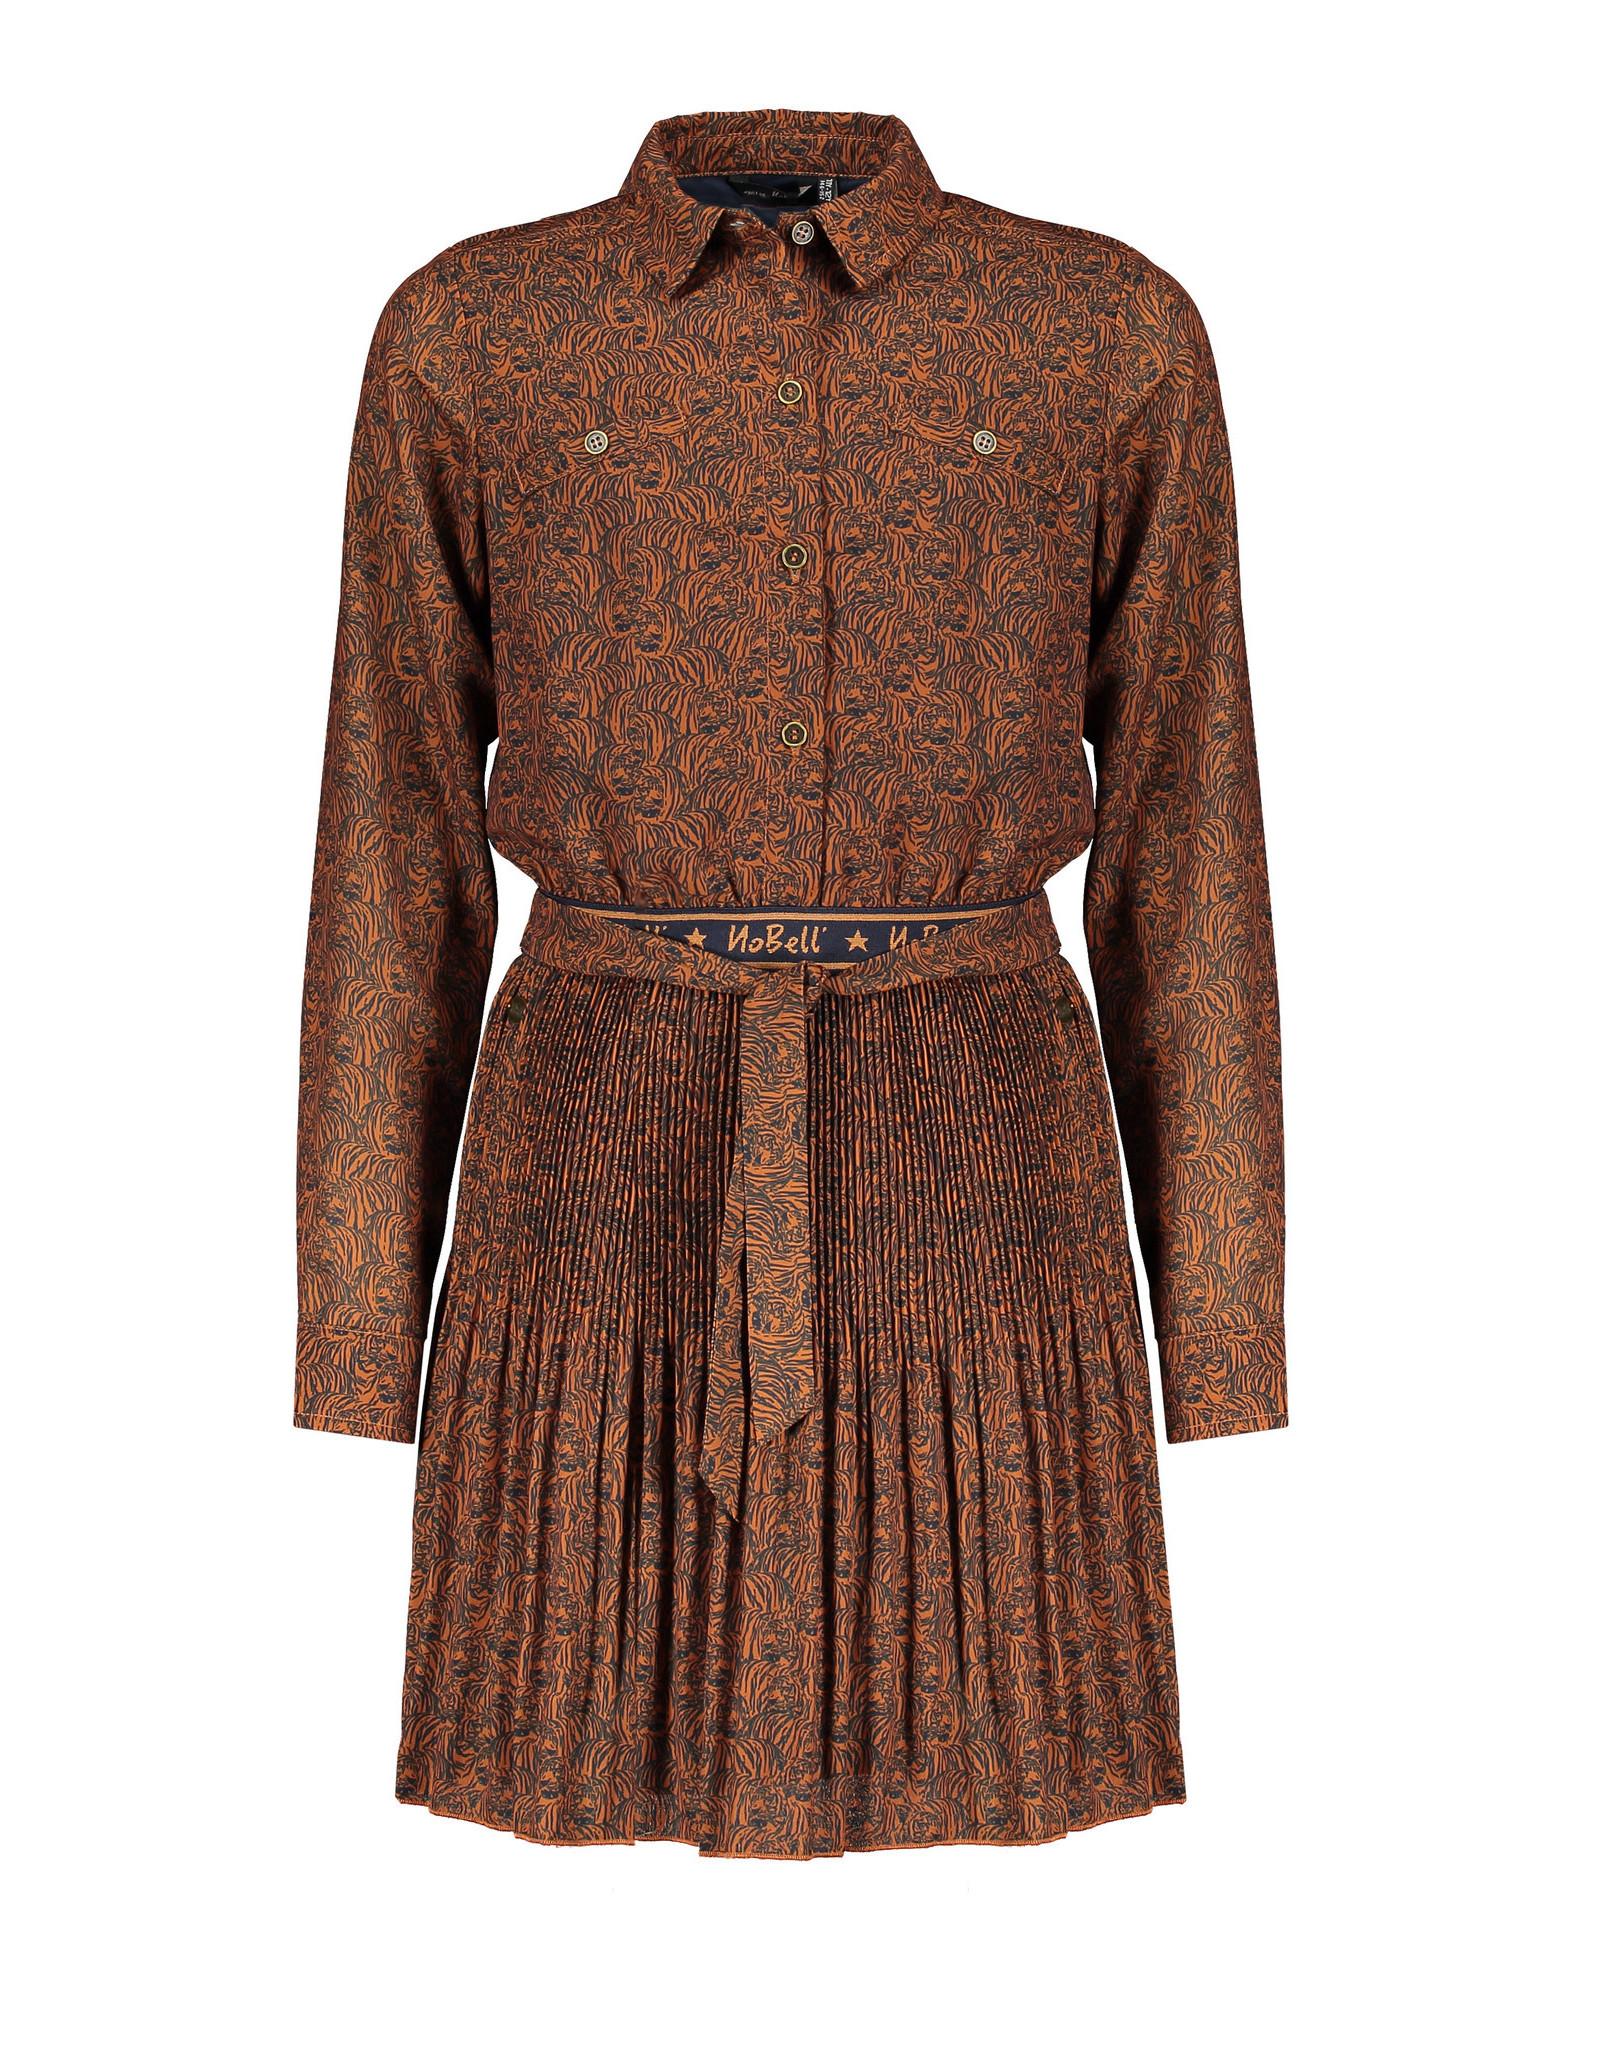 Nobell NoBell dress 3802 cinnamon